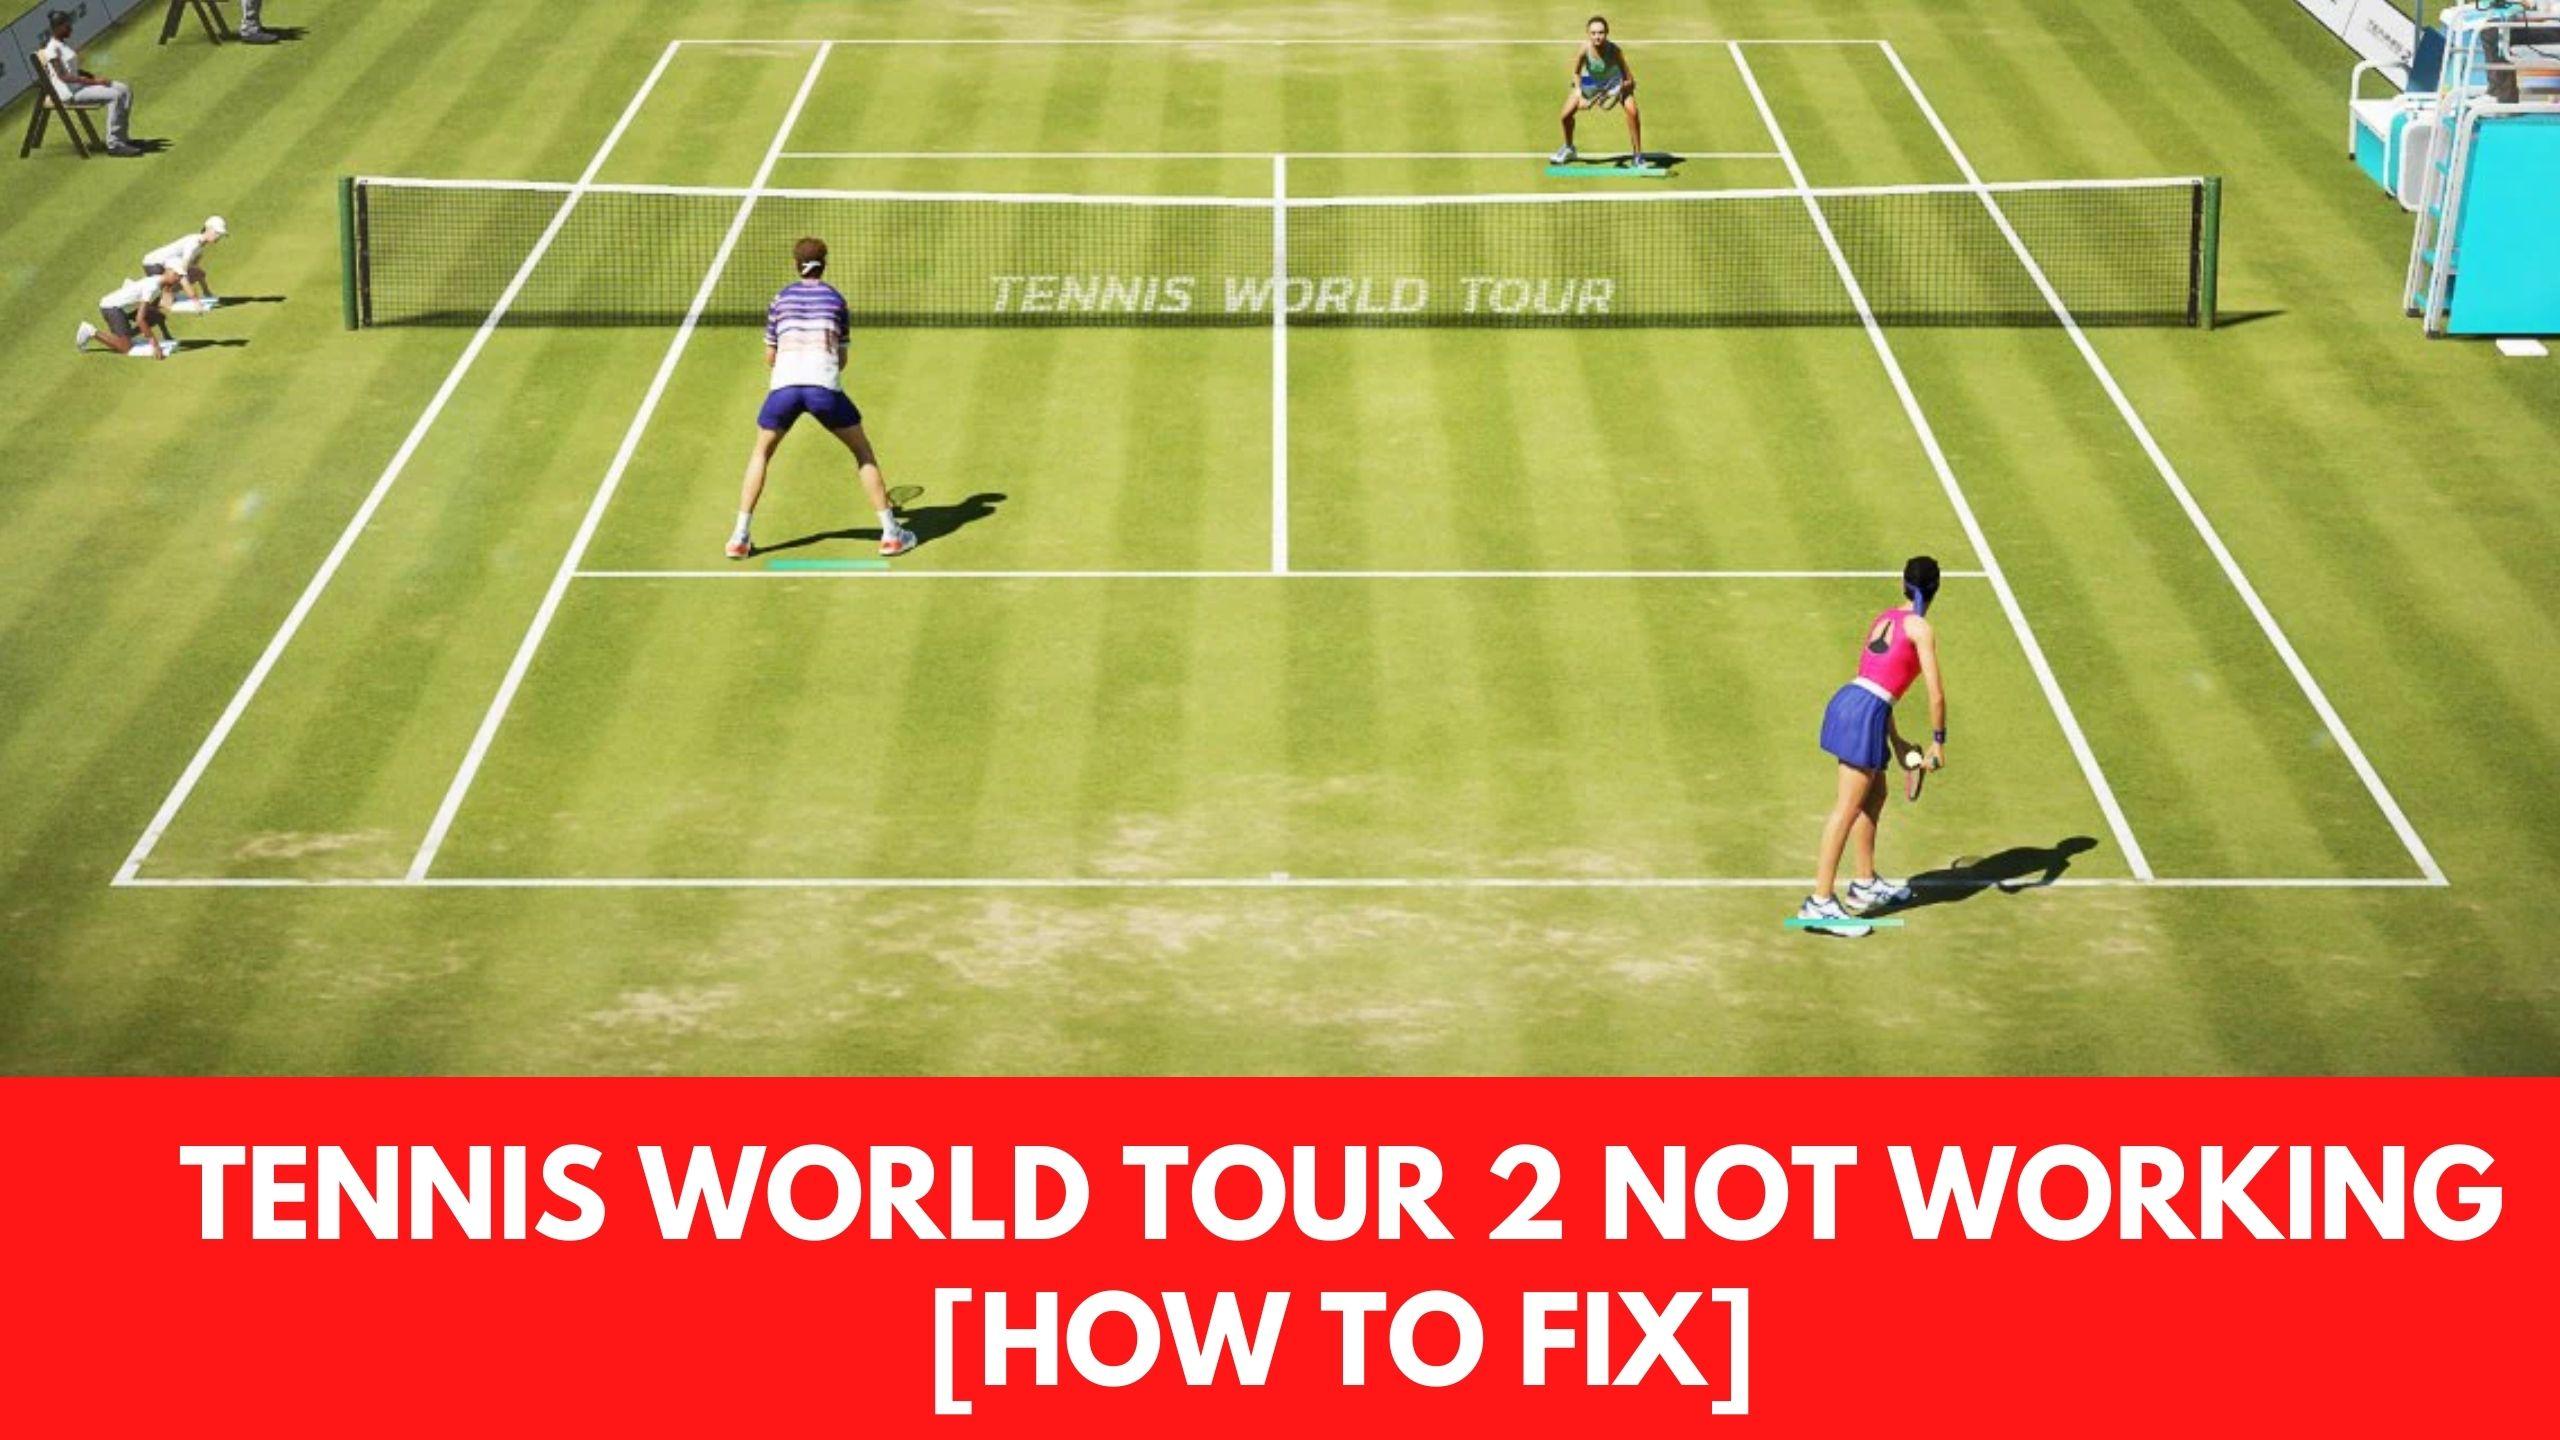 Tennis World Tour 2 Not Working fix